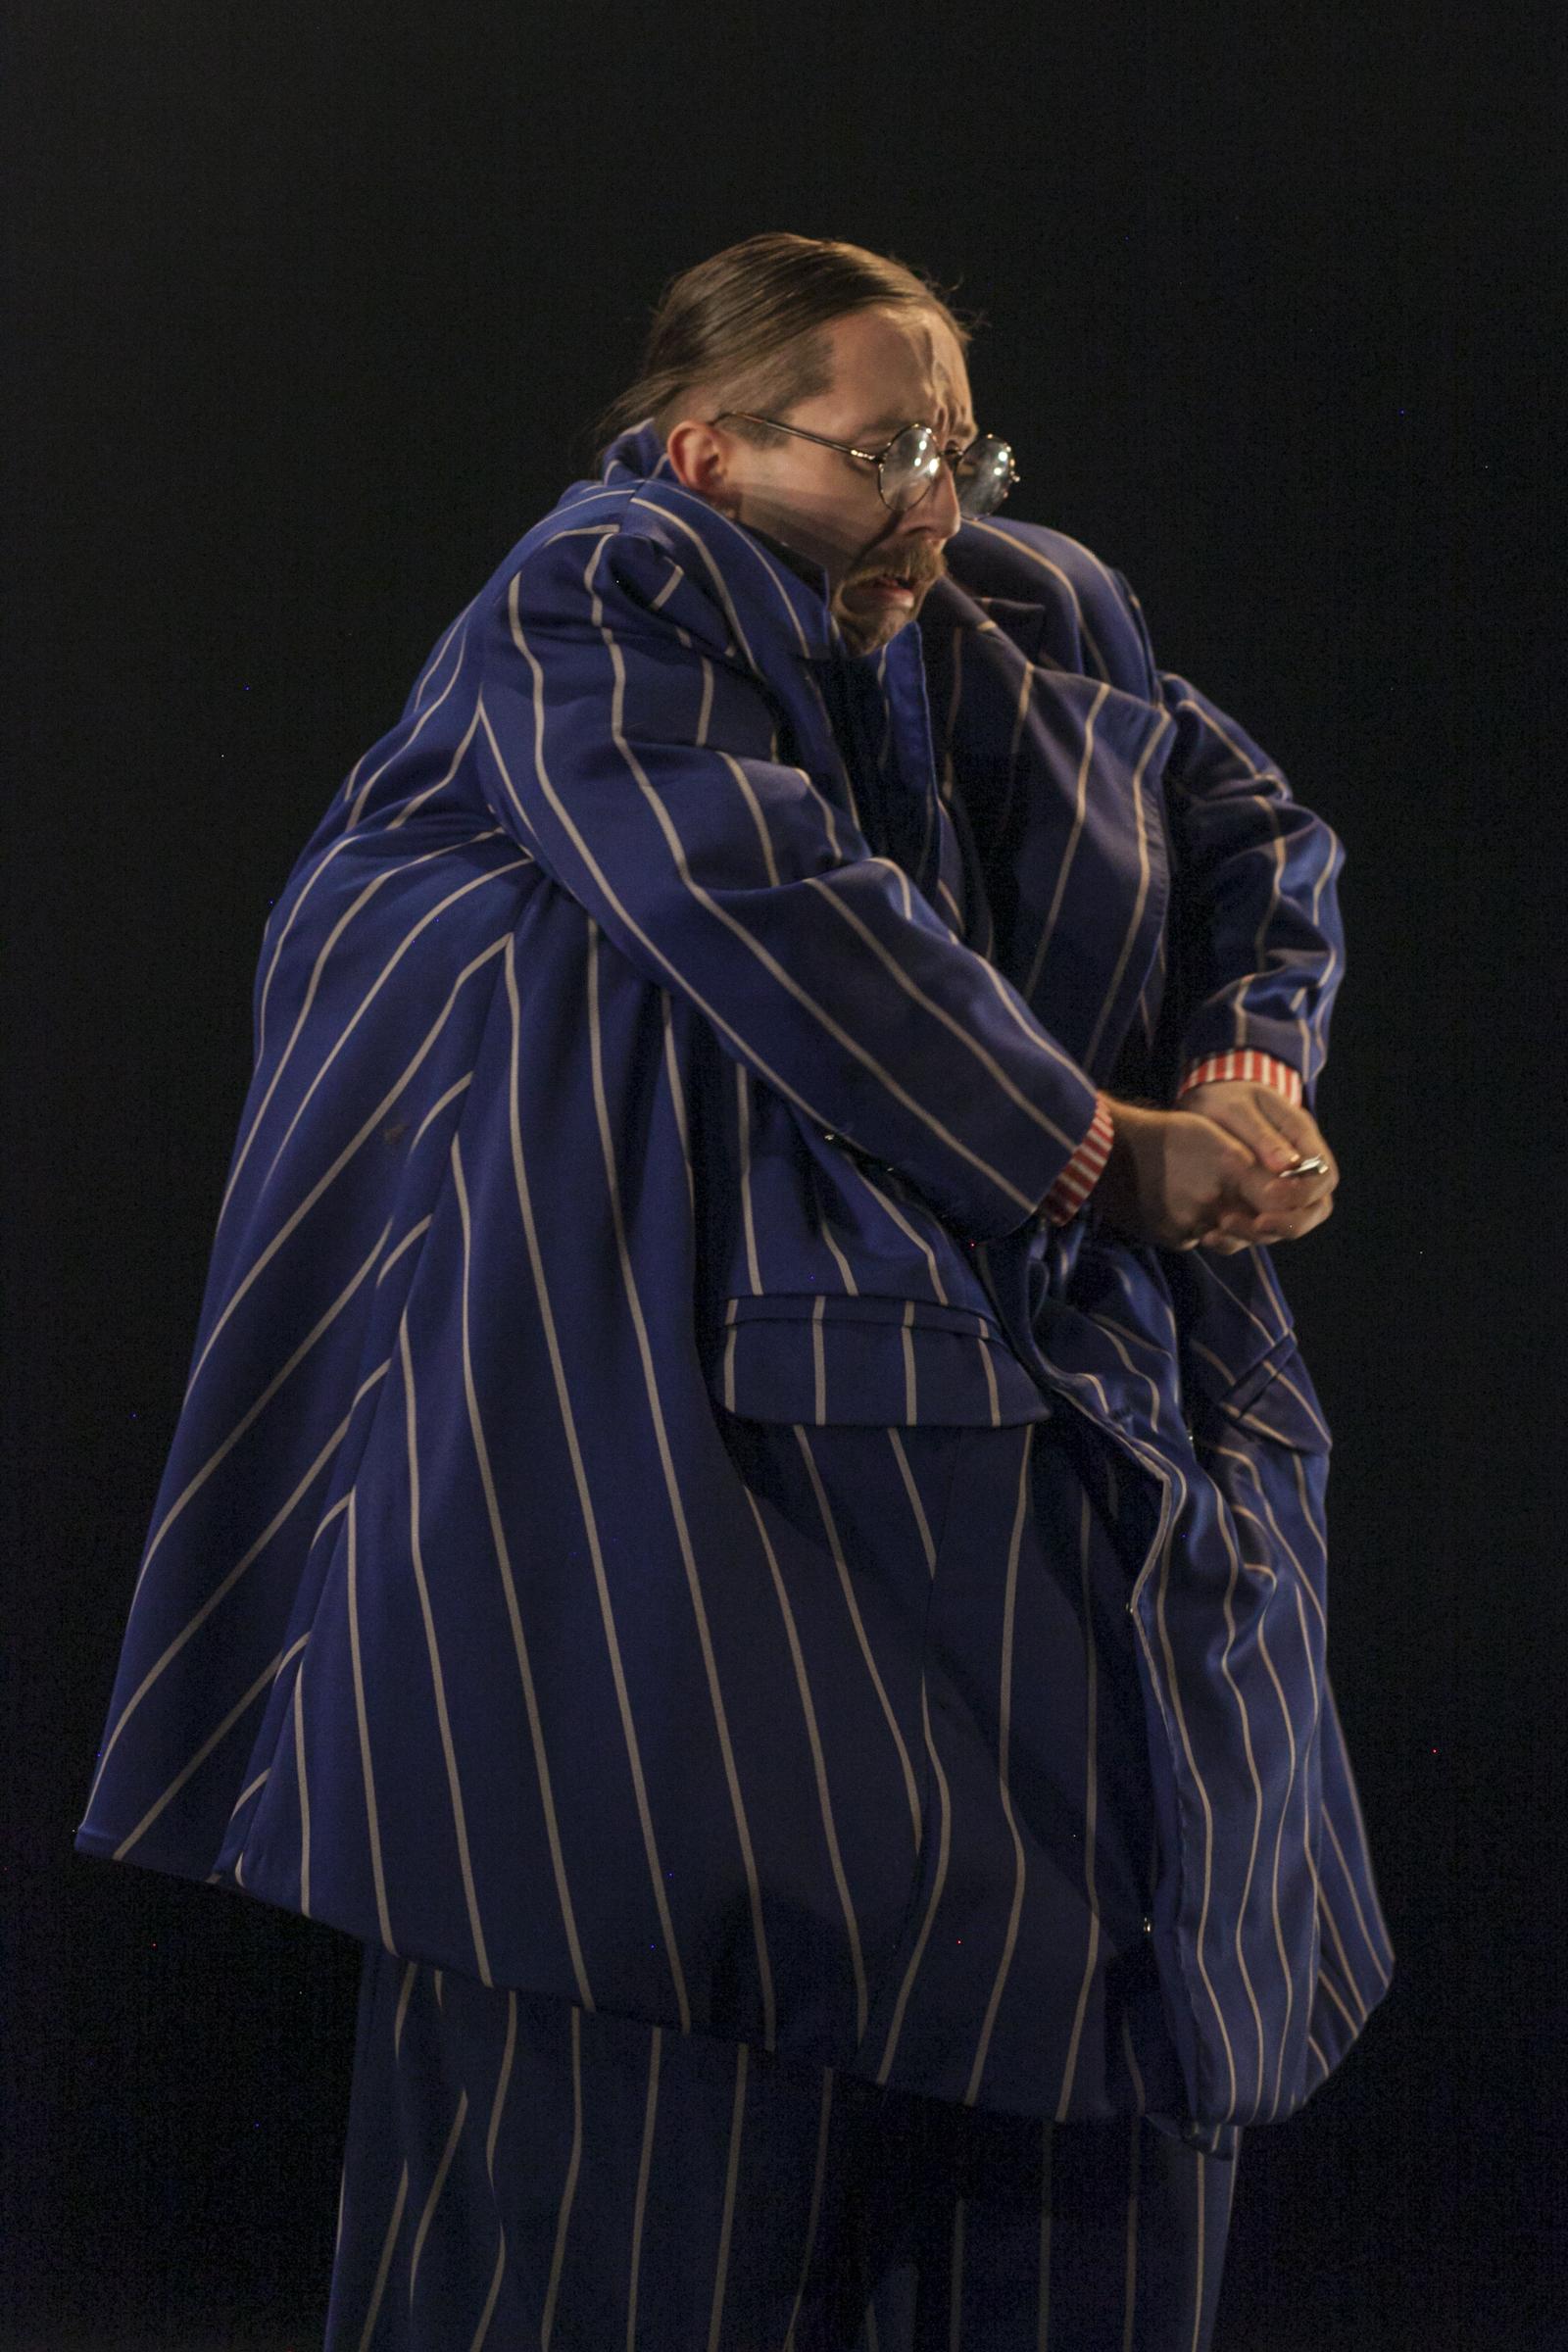 LCFMA19-CostumeShow-OliverTo-45.jpg